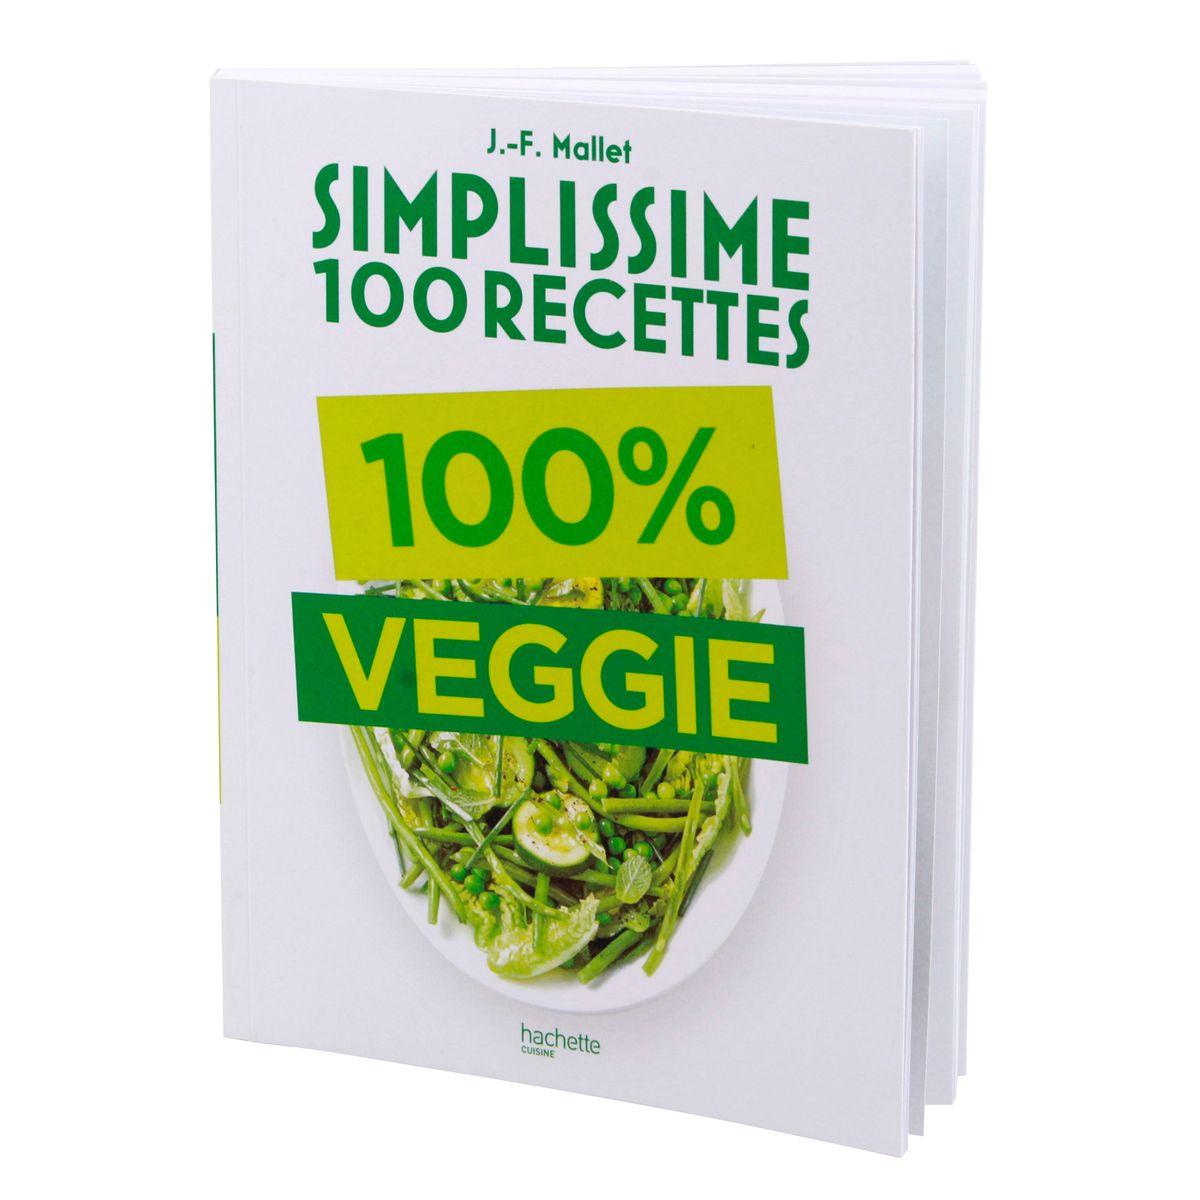 Simplisssimes 100 recettes veggie - Hachette Pratique